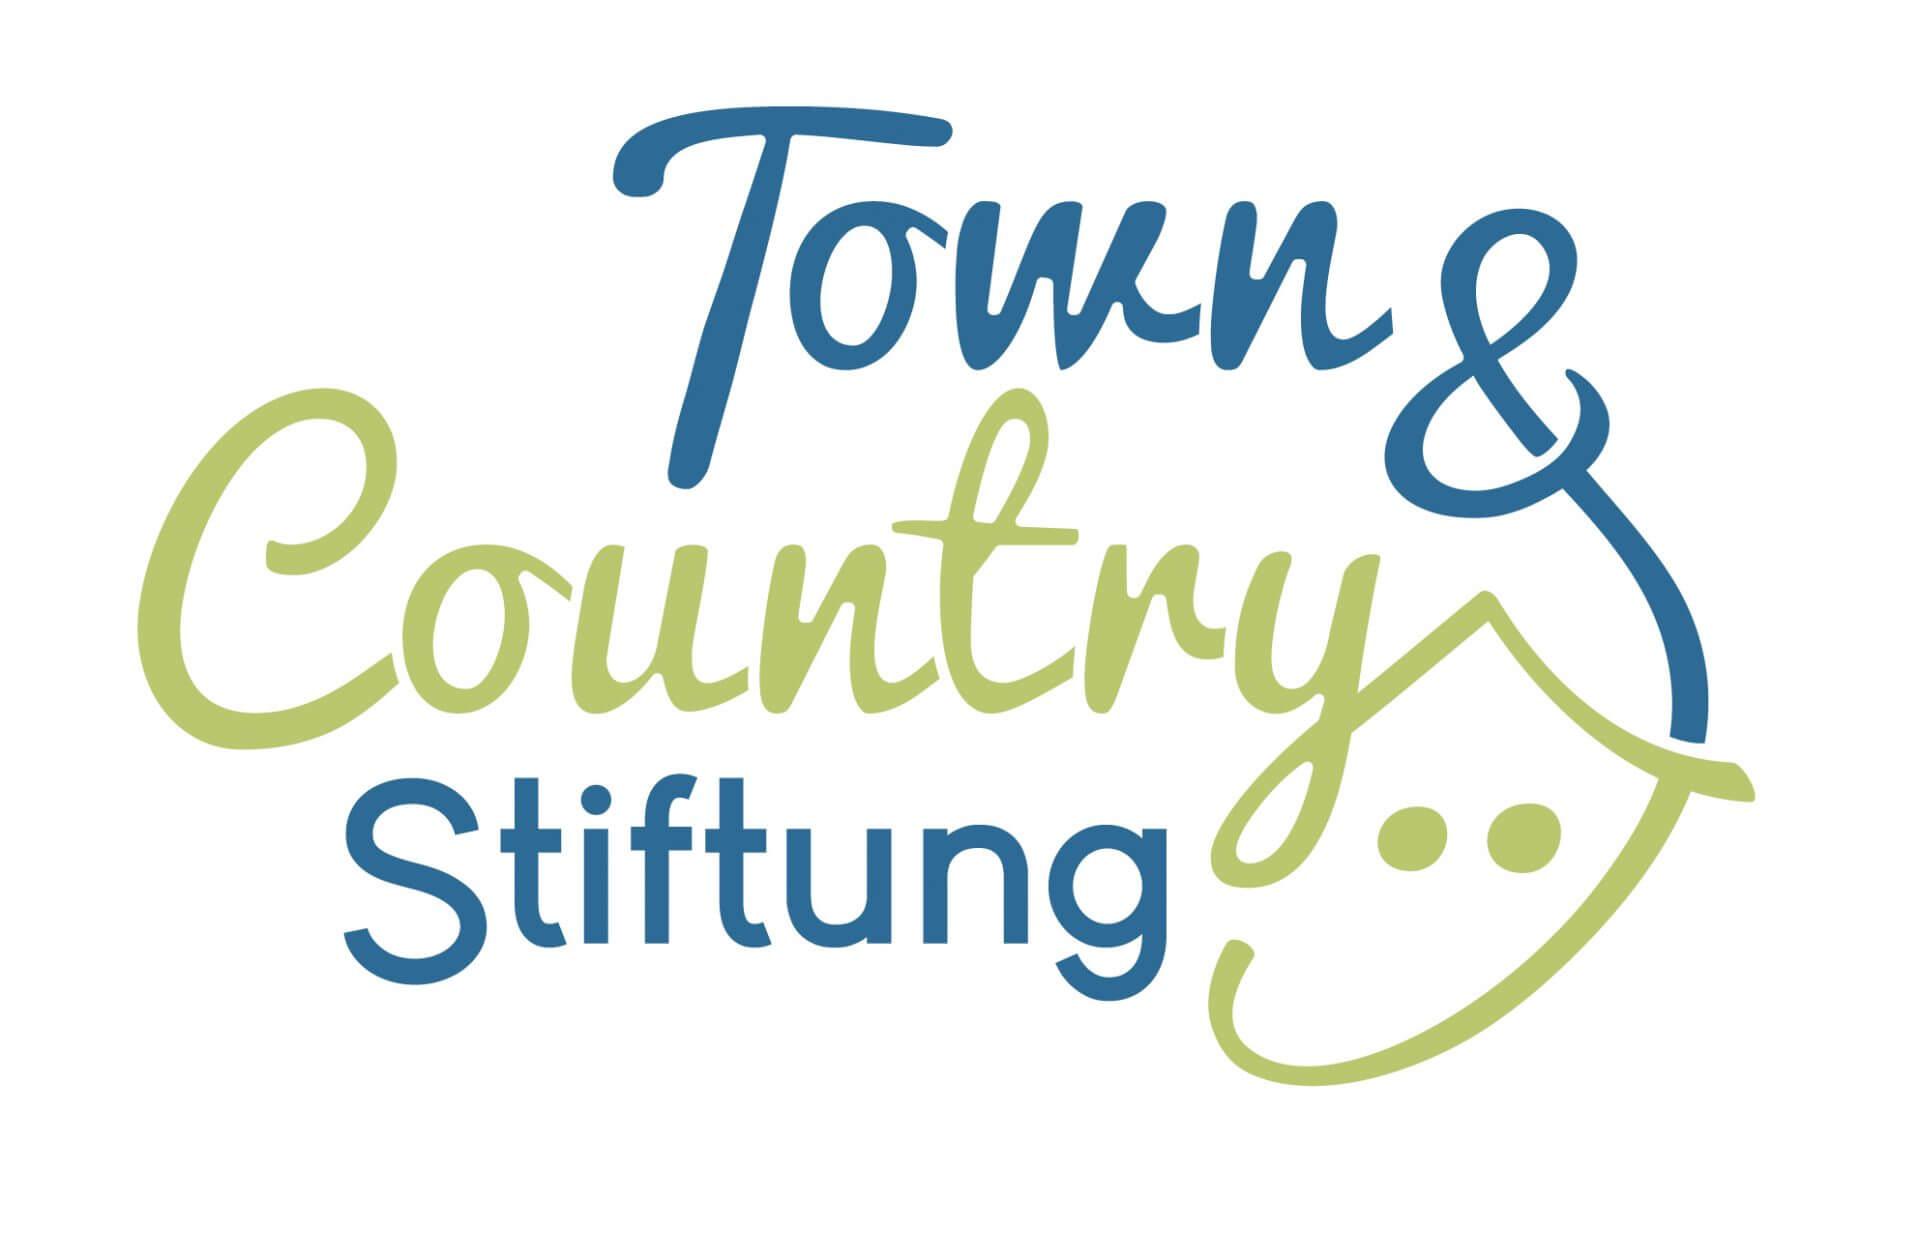 Dieses Projekt wurde gefördert durch die Town & Country Haus Stiftung